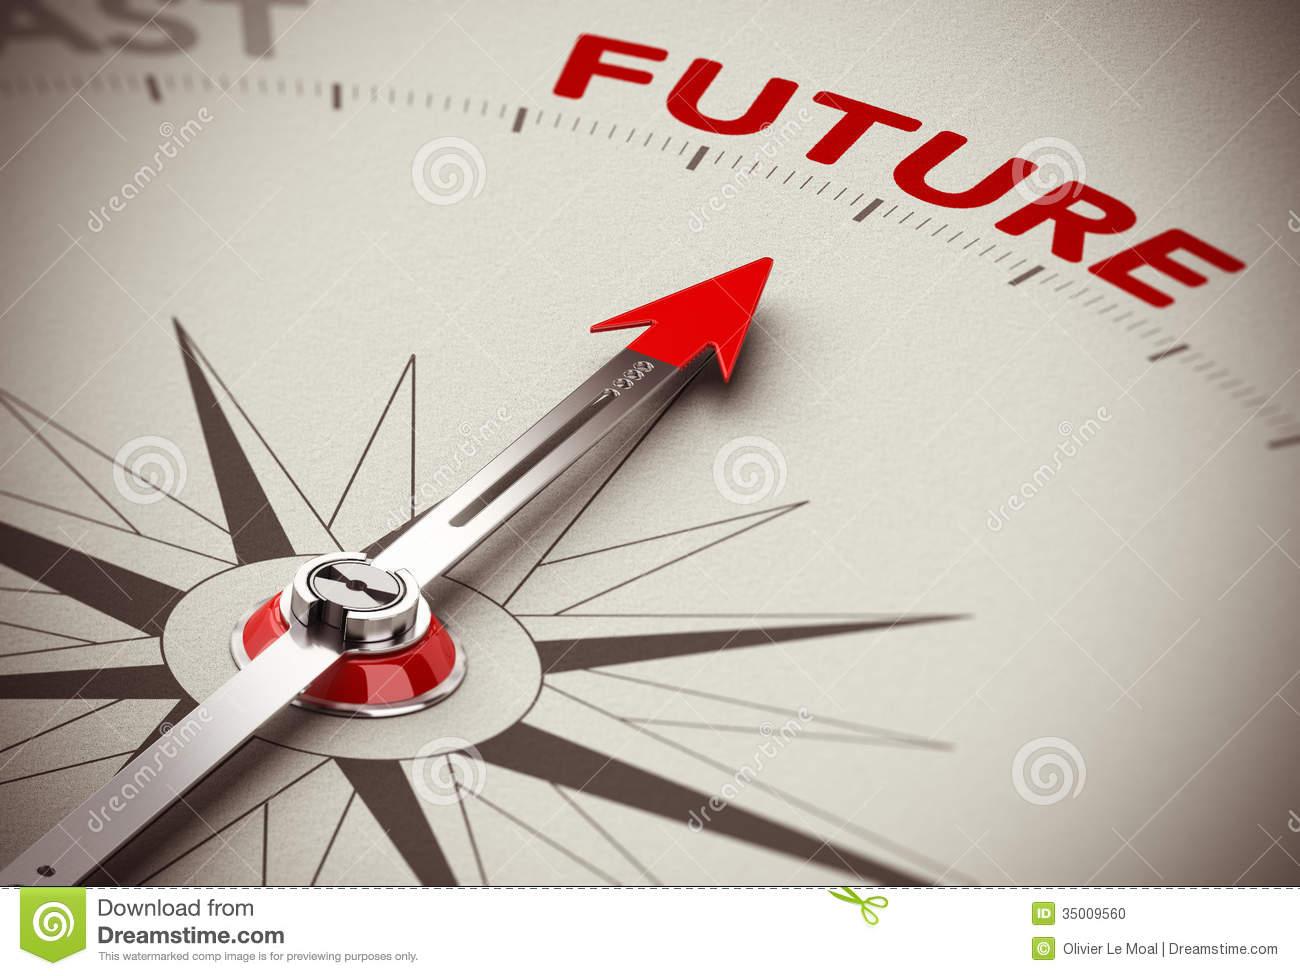 Future Vision Clipart.